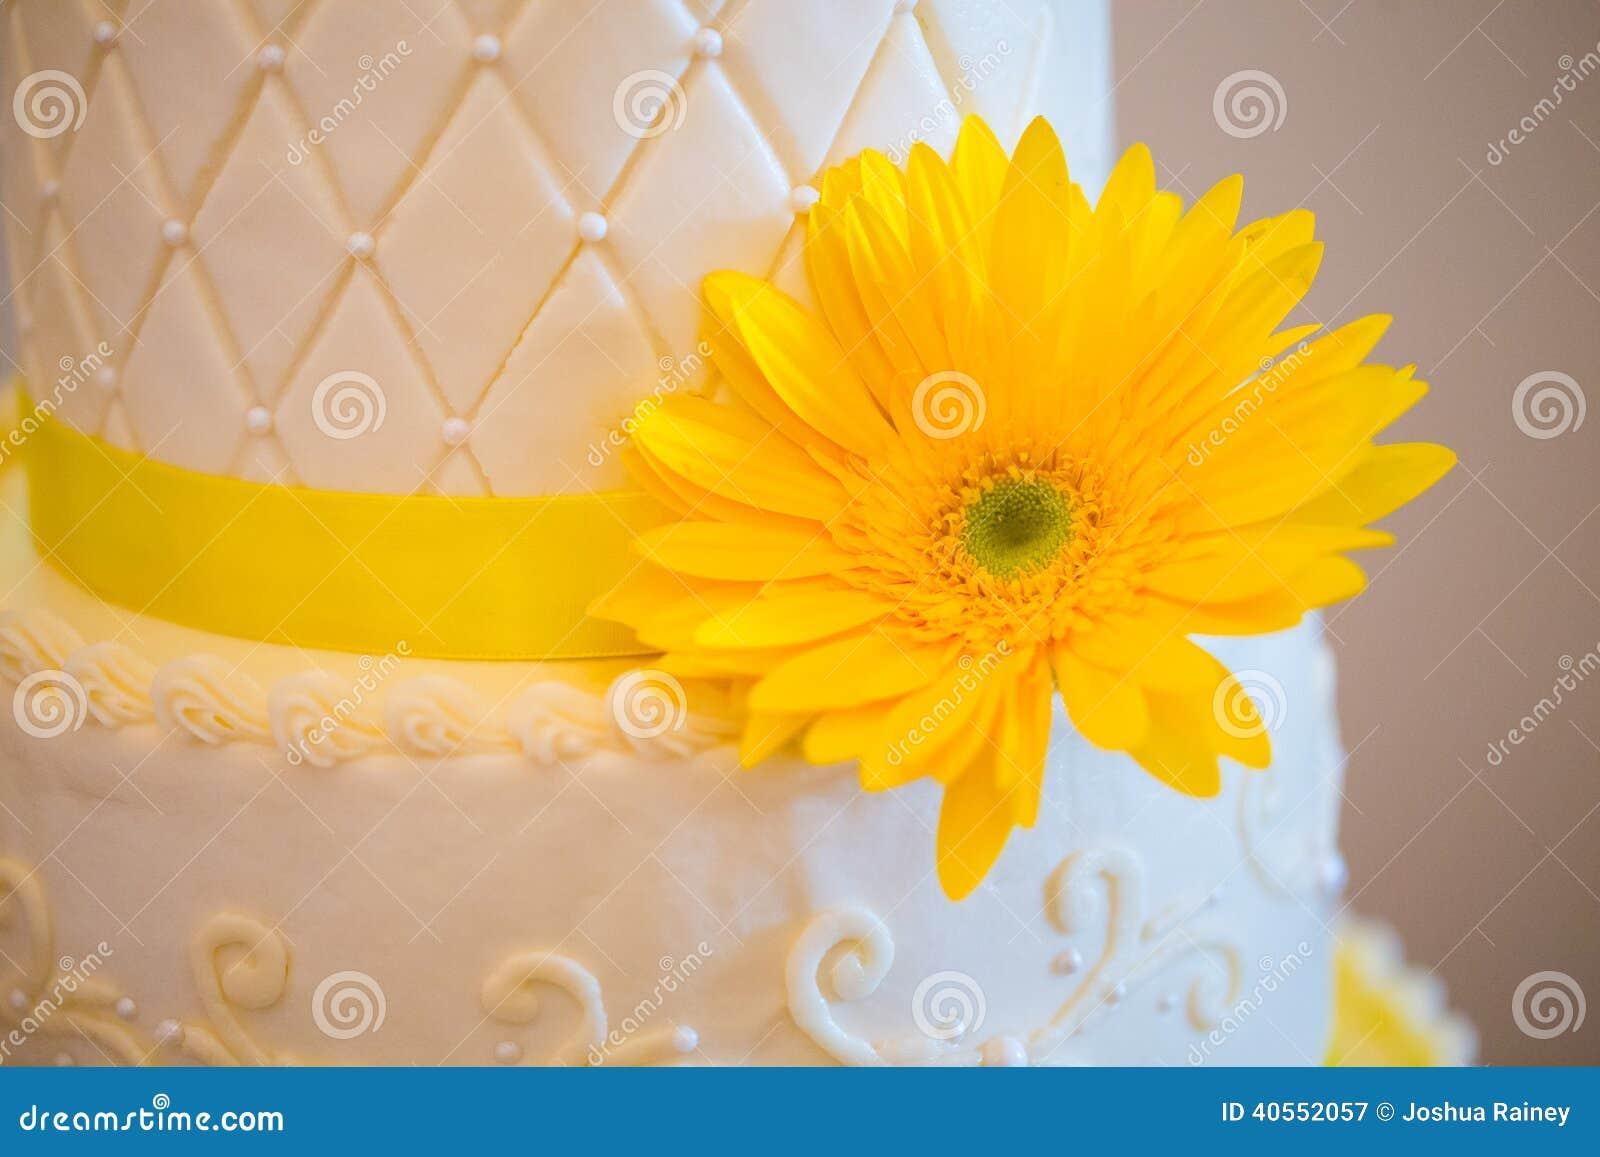 Gâteau Blanc Et Jaune De Réception De Mariage Photo stock - Image ...